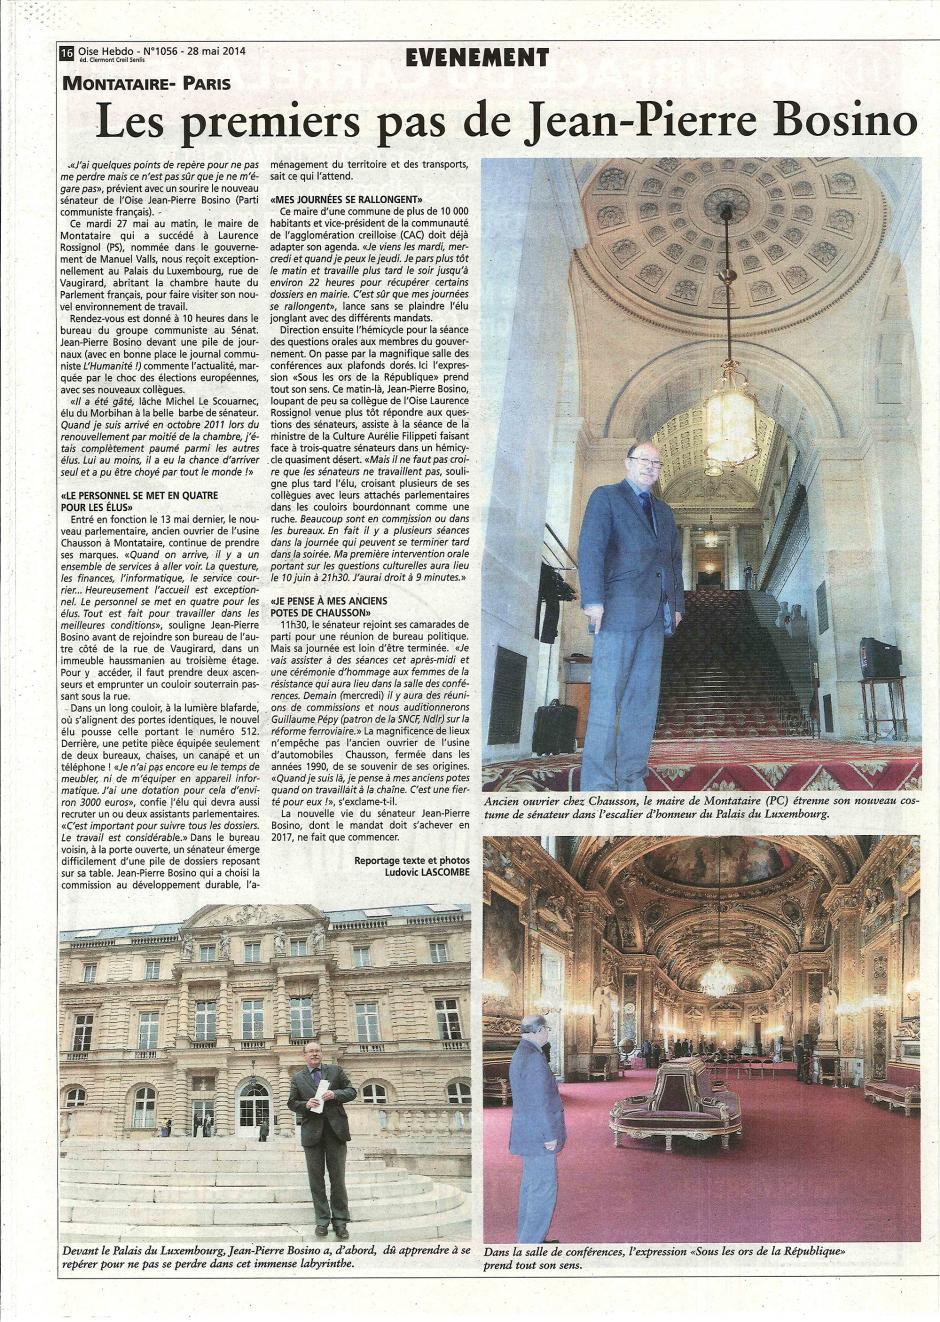 20140528-OH-Montataire-Les premiers pas de Jean-Pierre Bosino au Sénat dans le Palais du Luxembourg-a